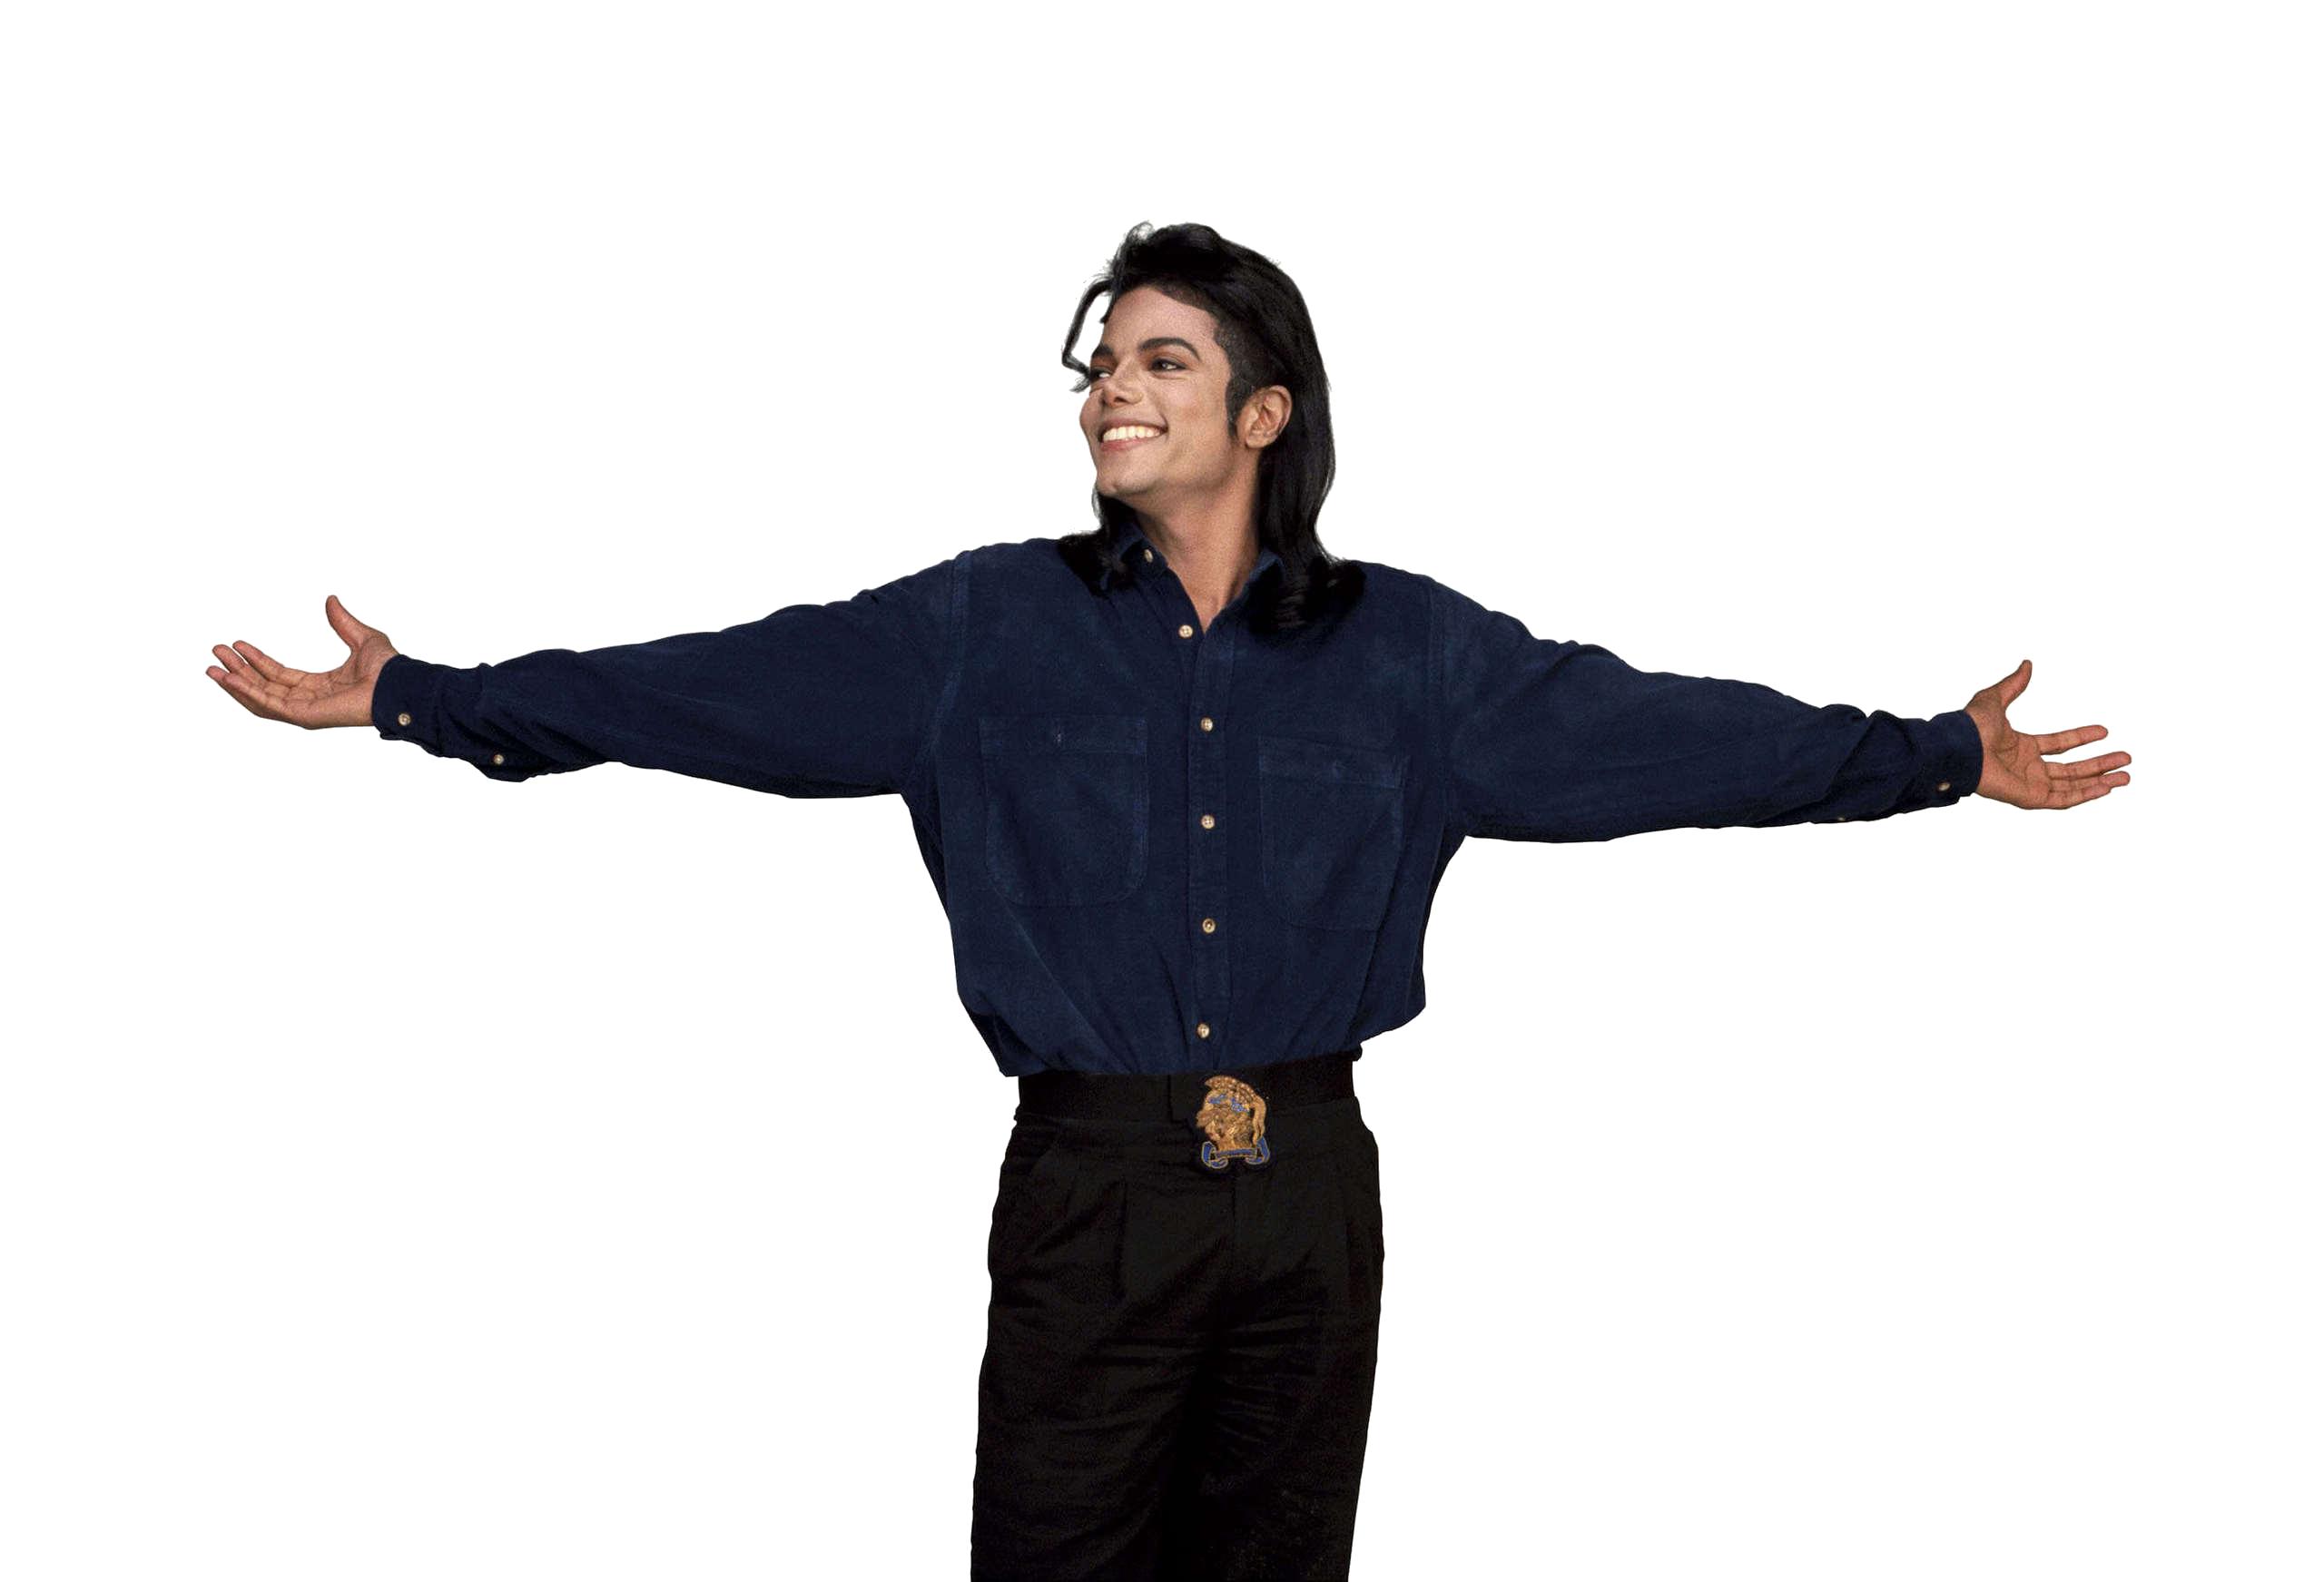 Michael Jackson Png Image Michael Jackson Photoshoot Michael Jackson Michael Jackson Wallpaper